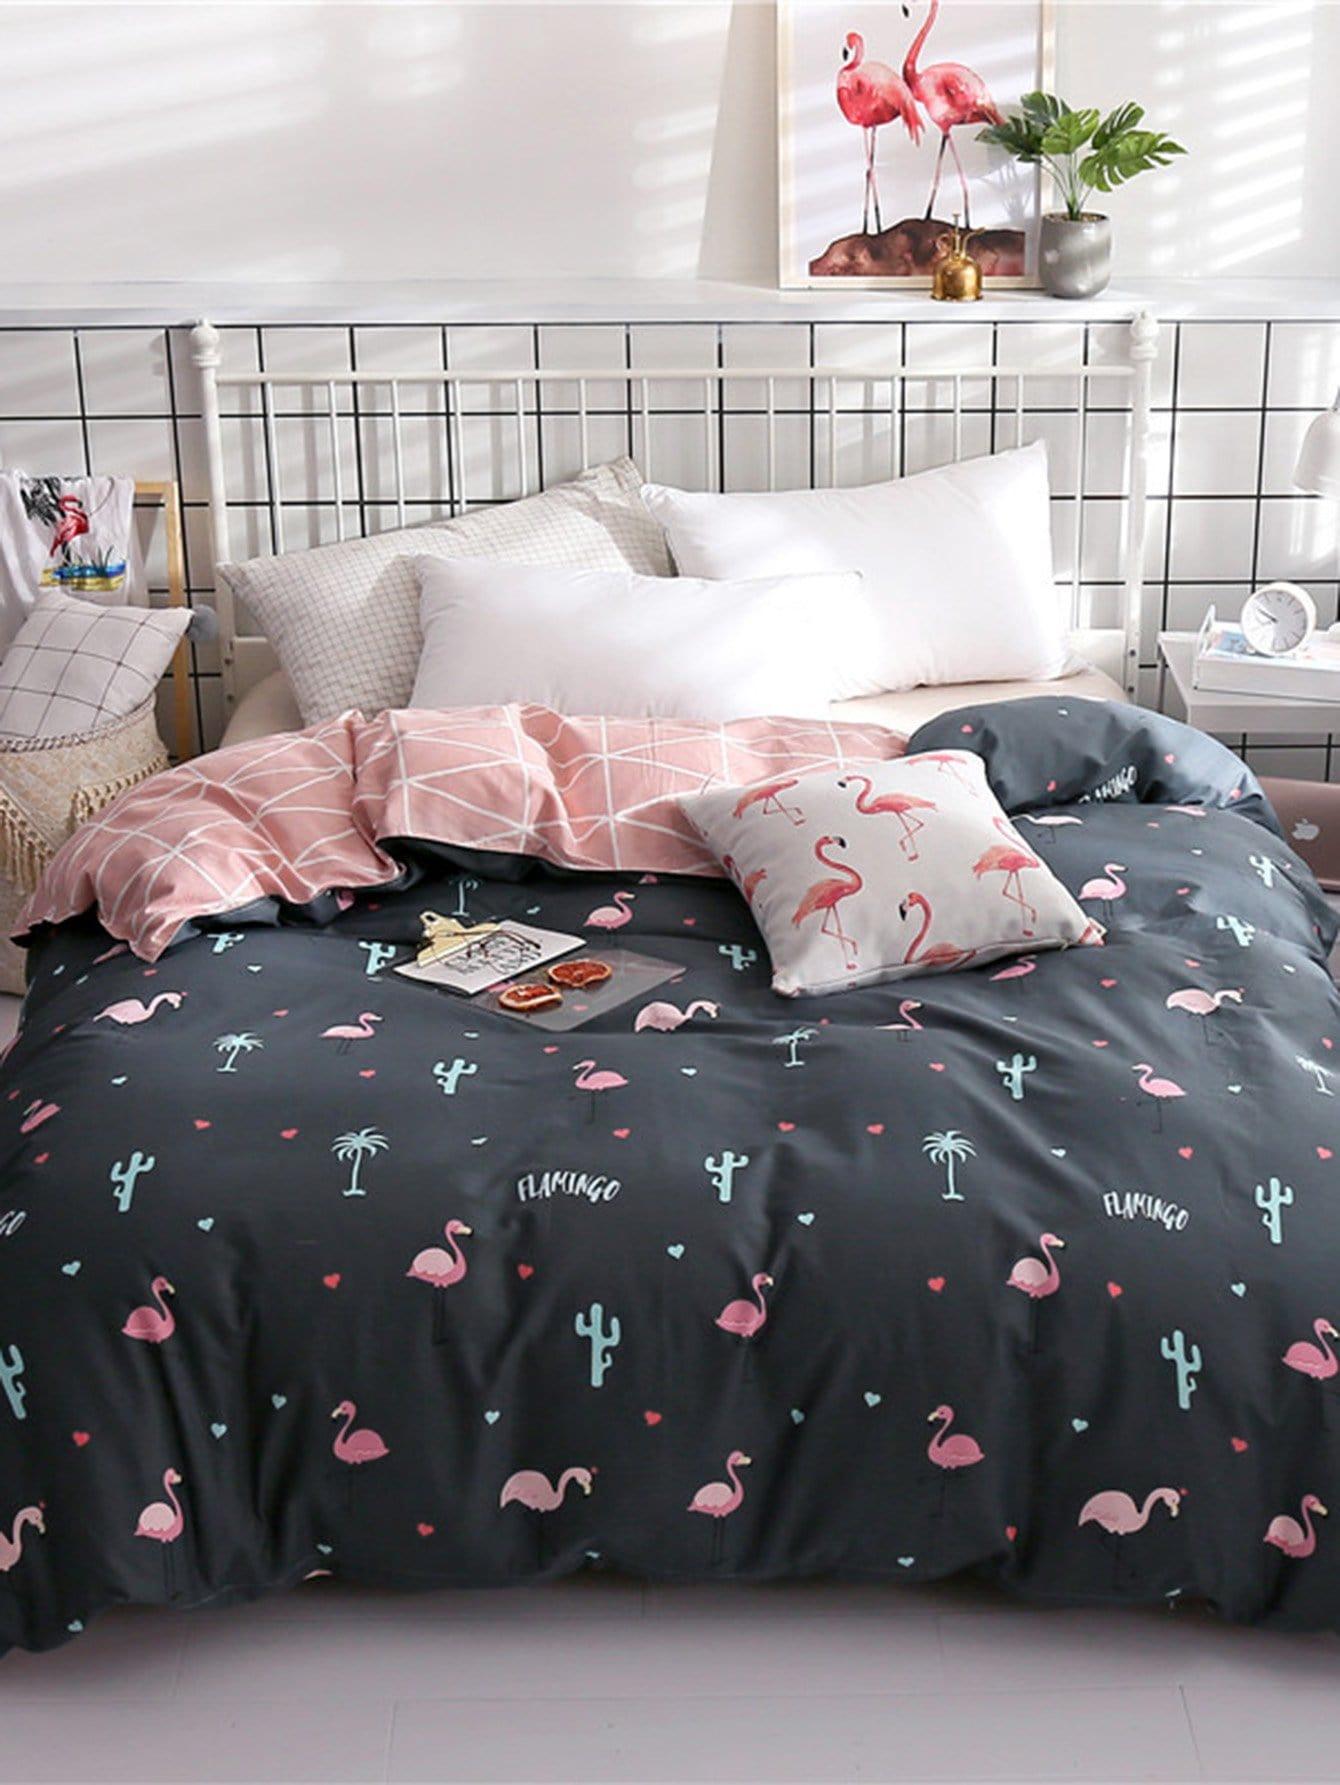 Купить Бархатное постельное бельё с рисунками фламинго и геометрических фигур 1 шт, null, SheIn